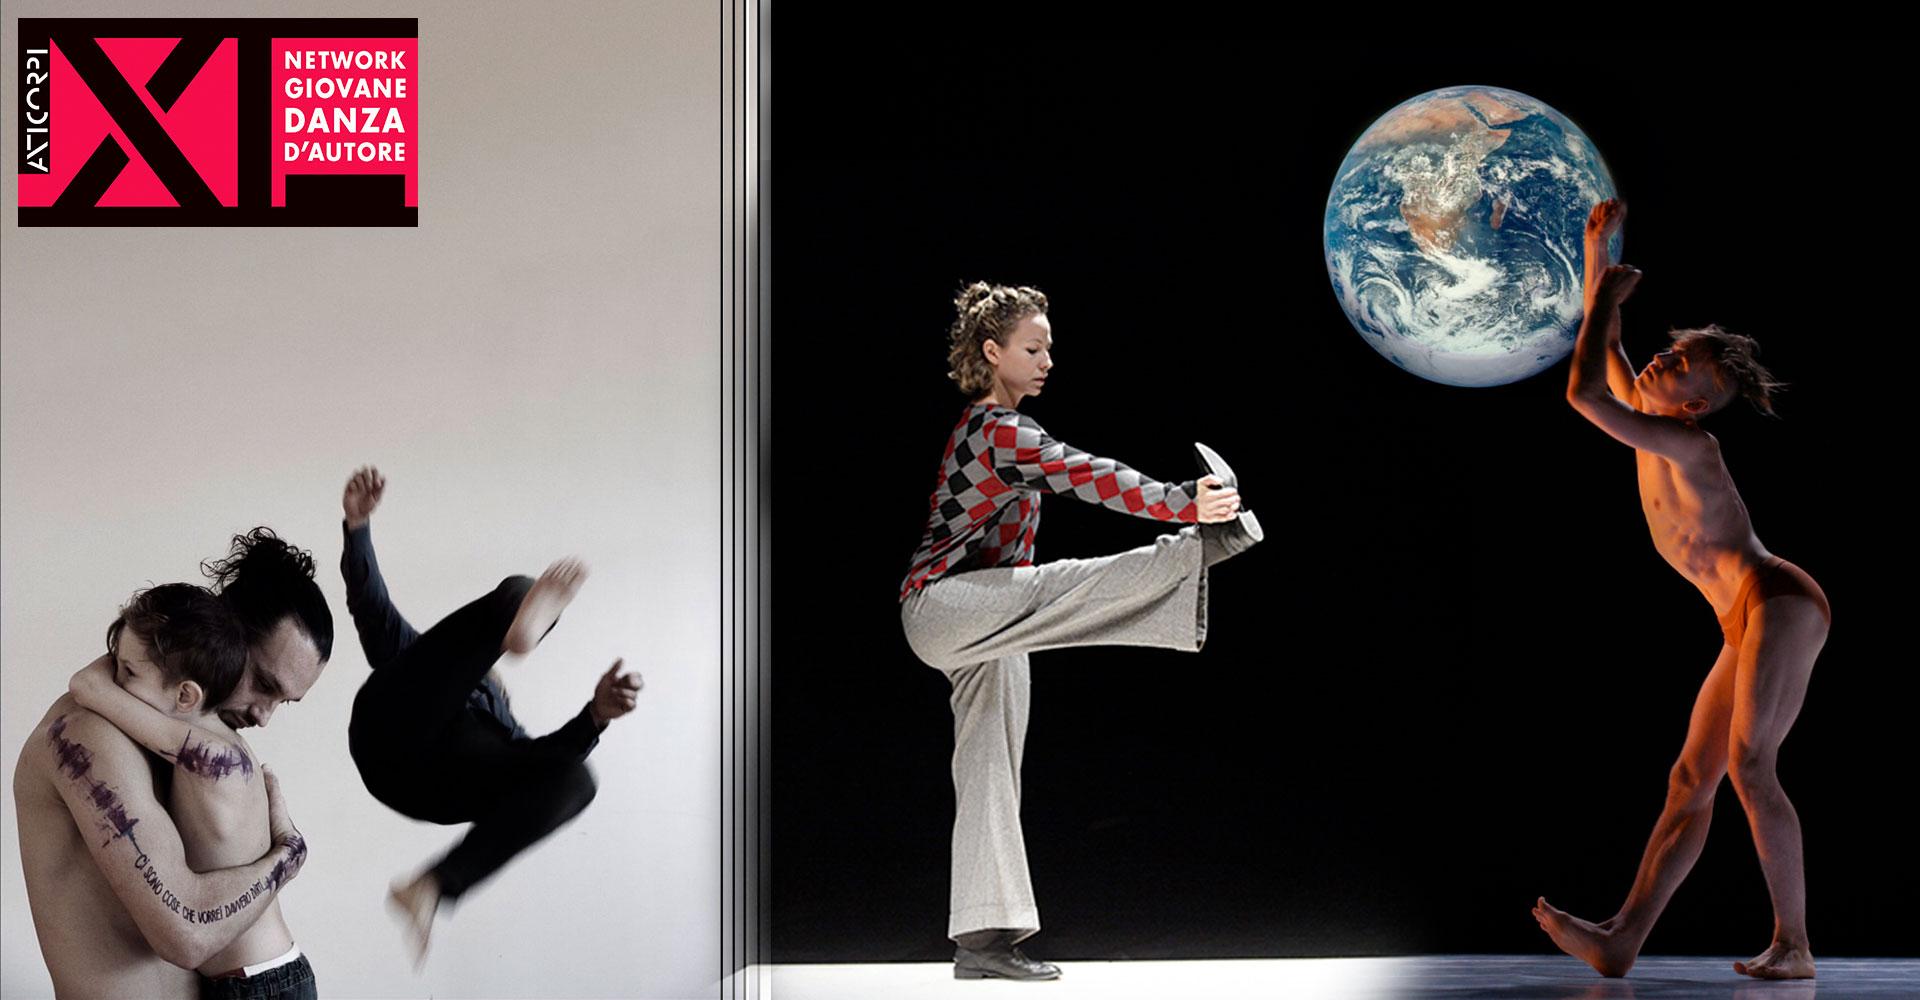 Anticorpi eXpLo - Tracce di giovane danza d'autore